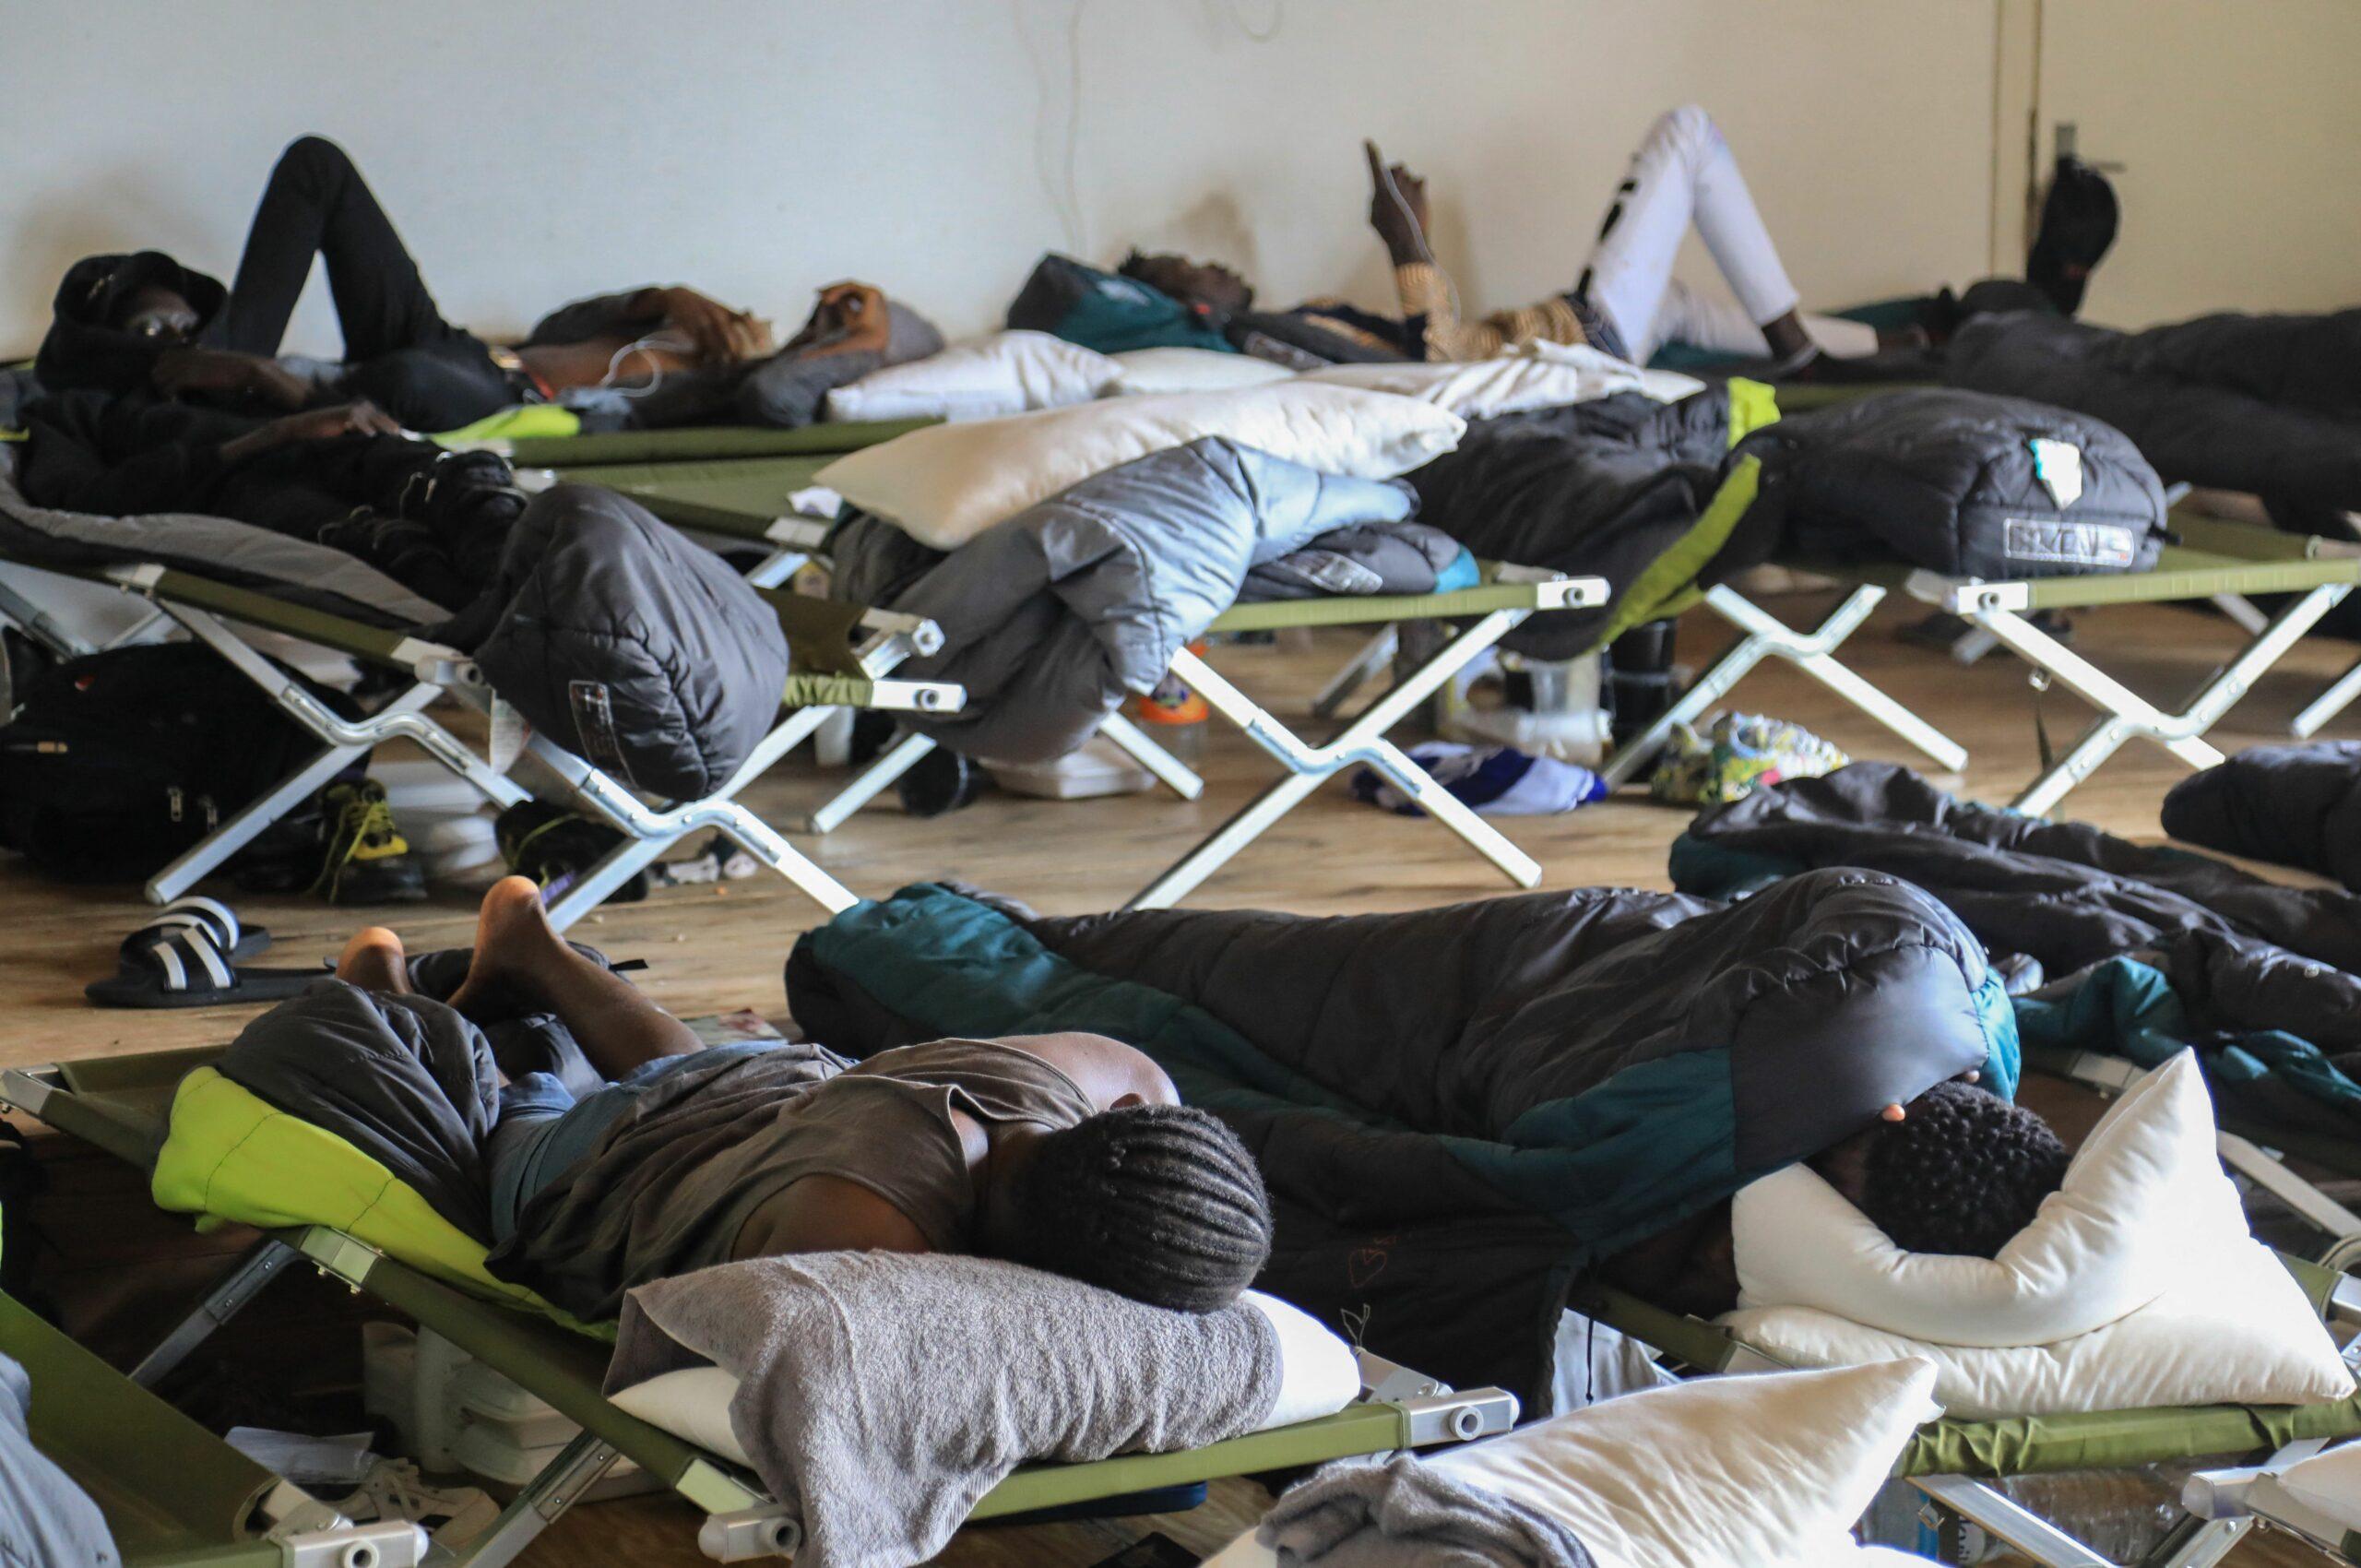 gettyimages 1234517706 scaled - <b>В Україну прямують 5 тисяч біженців з Афганістану.</b> Чи ні? Варто очікувати міграційної кризи? Відповідаємо на головні питання - Заборона